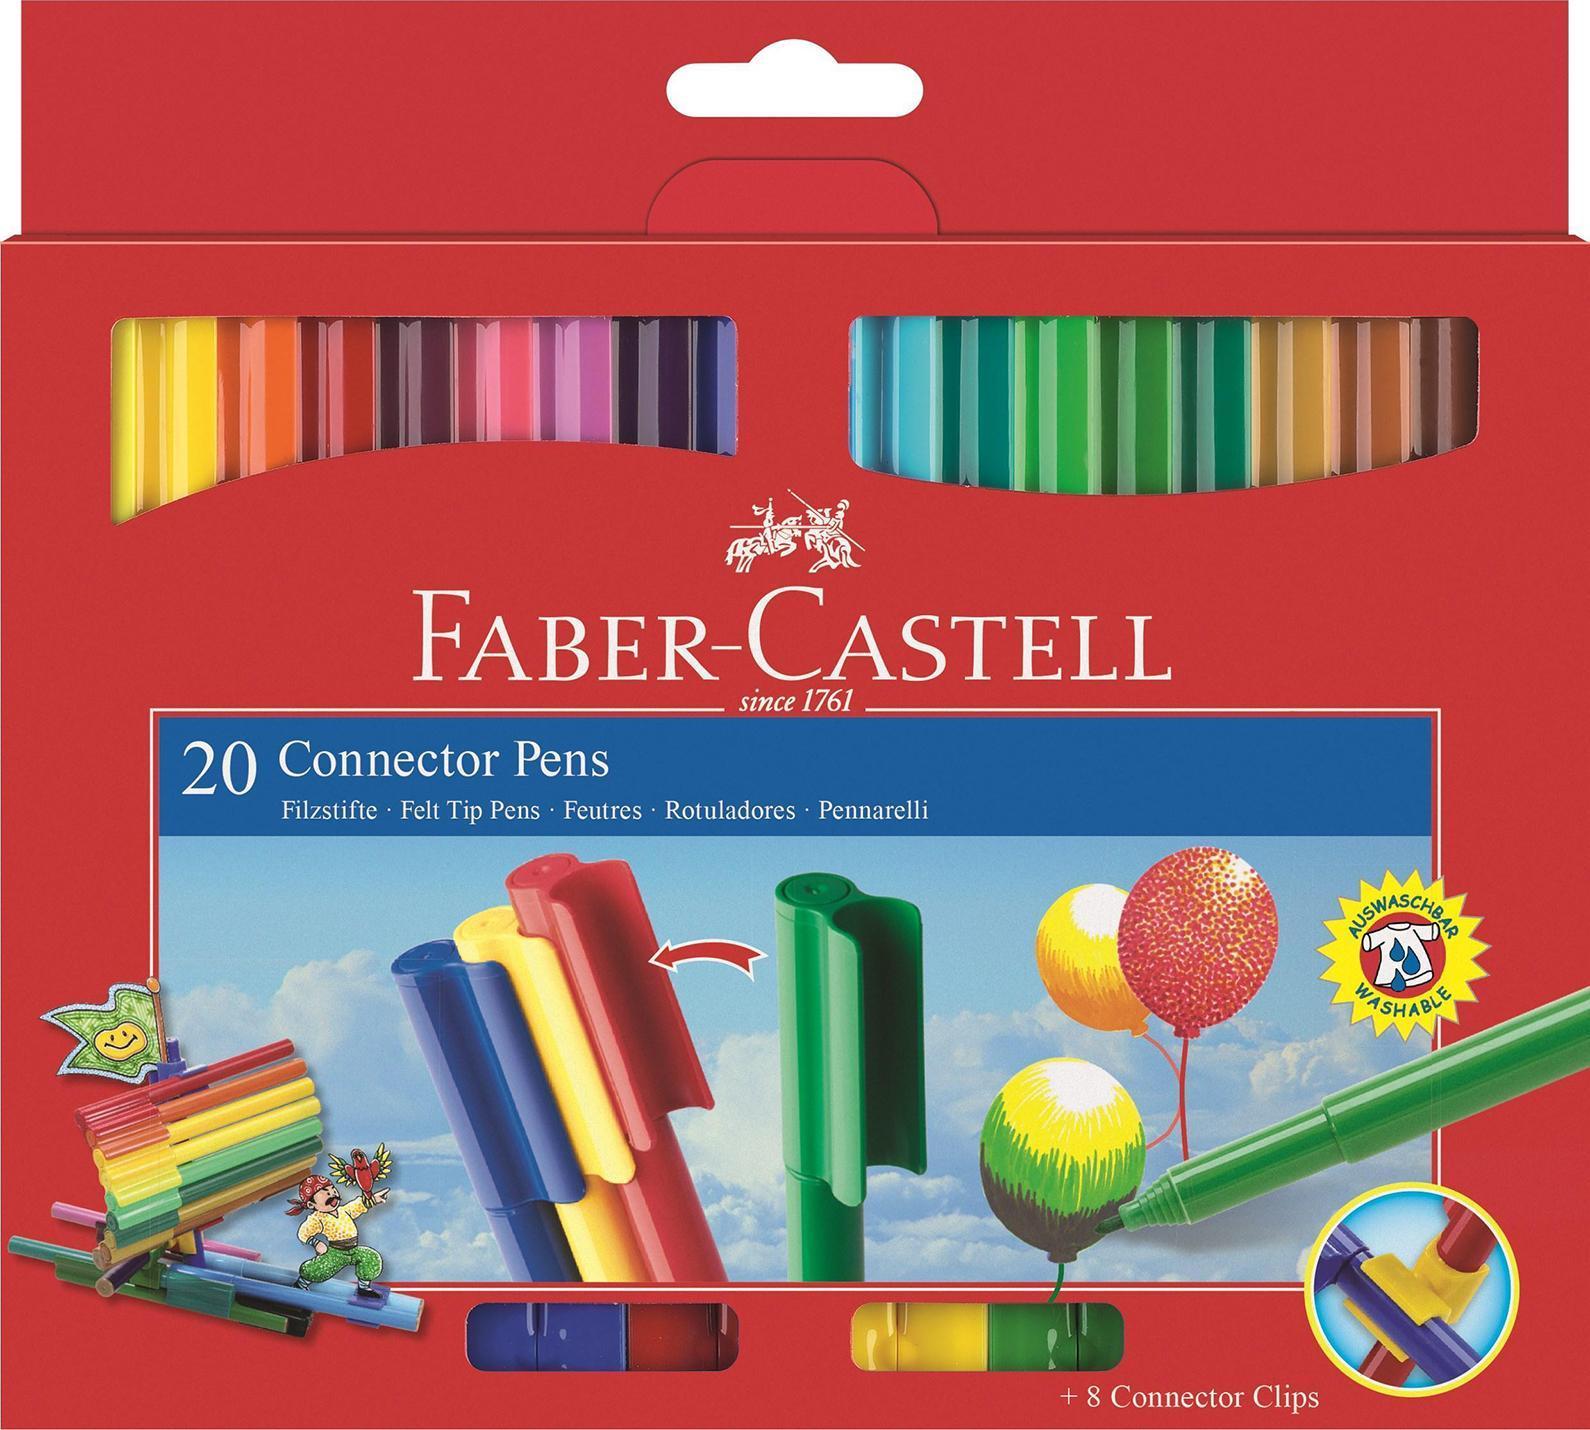 Faber-Castell Фломастеры 20 цветов155520Фломастеры Faber-Castell помогут маленькому художнику раскрыть свой творческий потенциал и рисовать и раскрашивать яркие картинки, развивая воображение, мелкую моторику и цветовосприятие. В наборе 20 разноцветных фломастеров с колпачками, дополненными пластиковыми клипами, благодаря чему фломастеры легко соединяются между собой. Фломастеры удобно брать в собой в поездку, на прогулку. Соединенные между собой необычными клип-зажимами, они не потеряются. Фломастеры изготовлены из пластика, который обеспечивает прочность корпуса и препятствует испарению чернил, благодаря чему они имеют долгий срок службы.